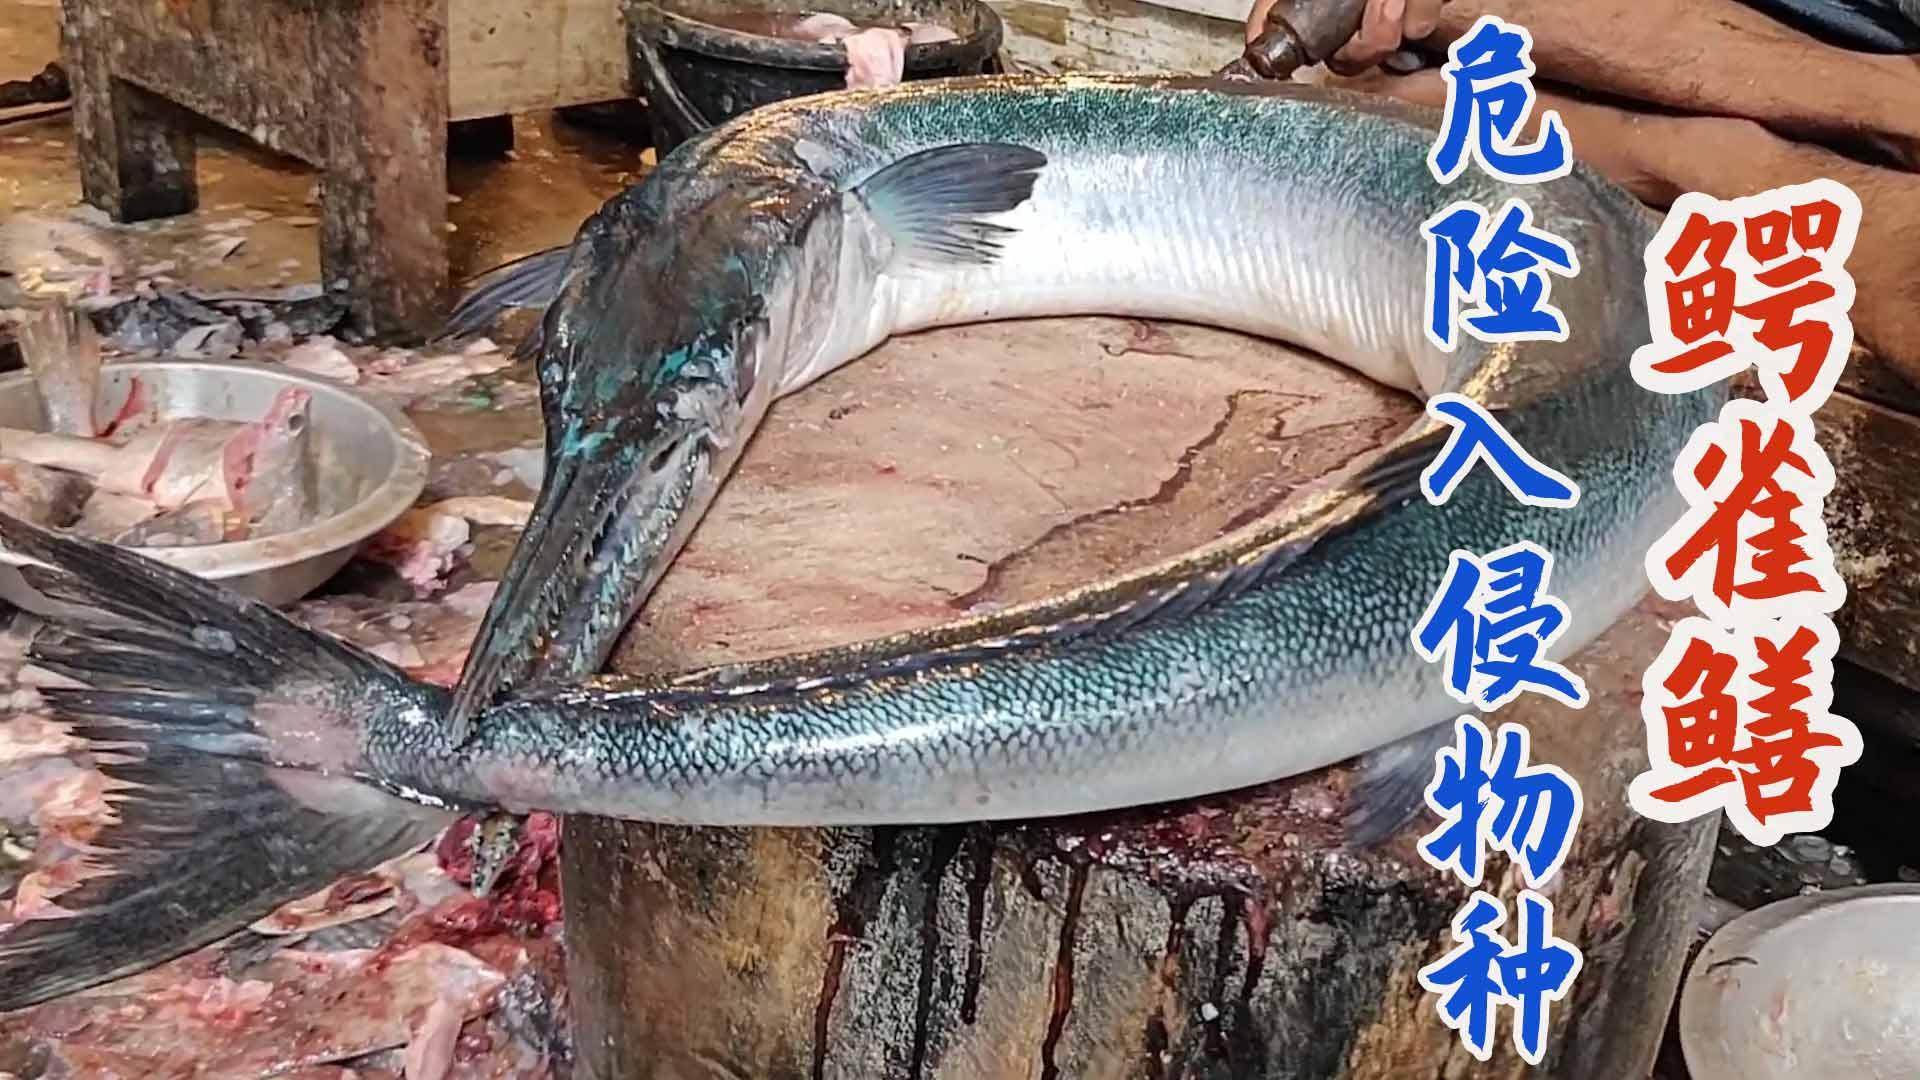 孟加拉渔民分割入侵怪鱼鳄雀鳝,快刀去头尾肉质丰腴!